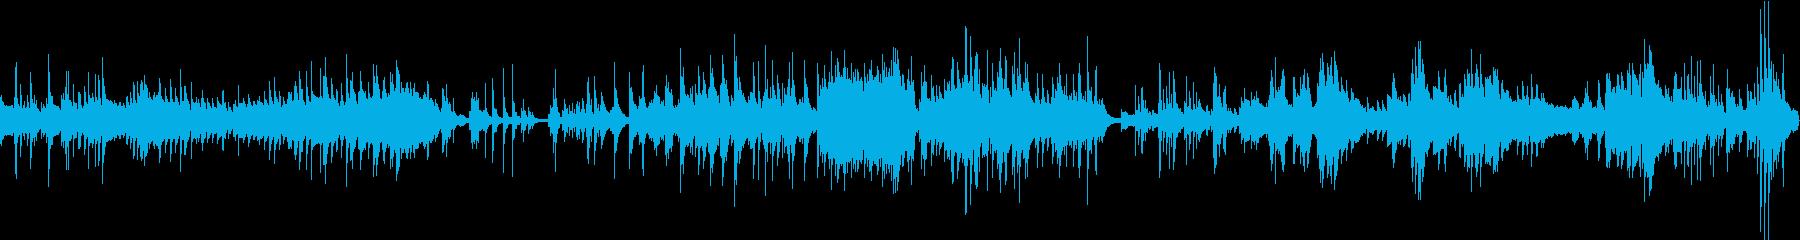 ドキュメントのような無機質即興ピア曲の再生済みの波形